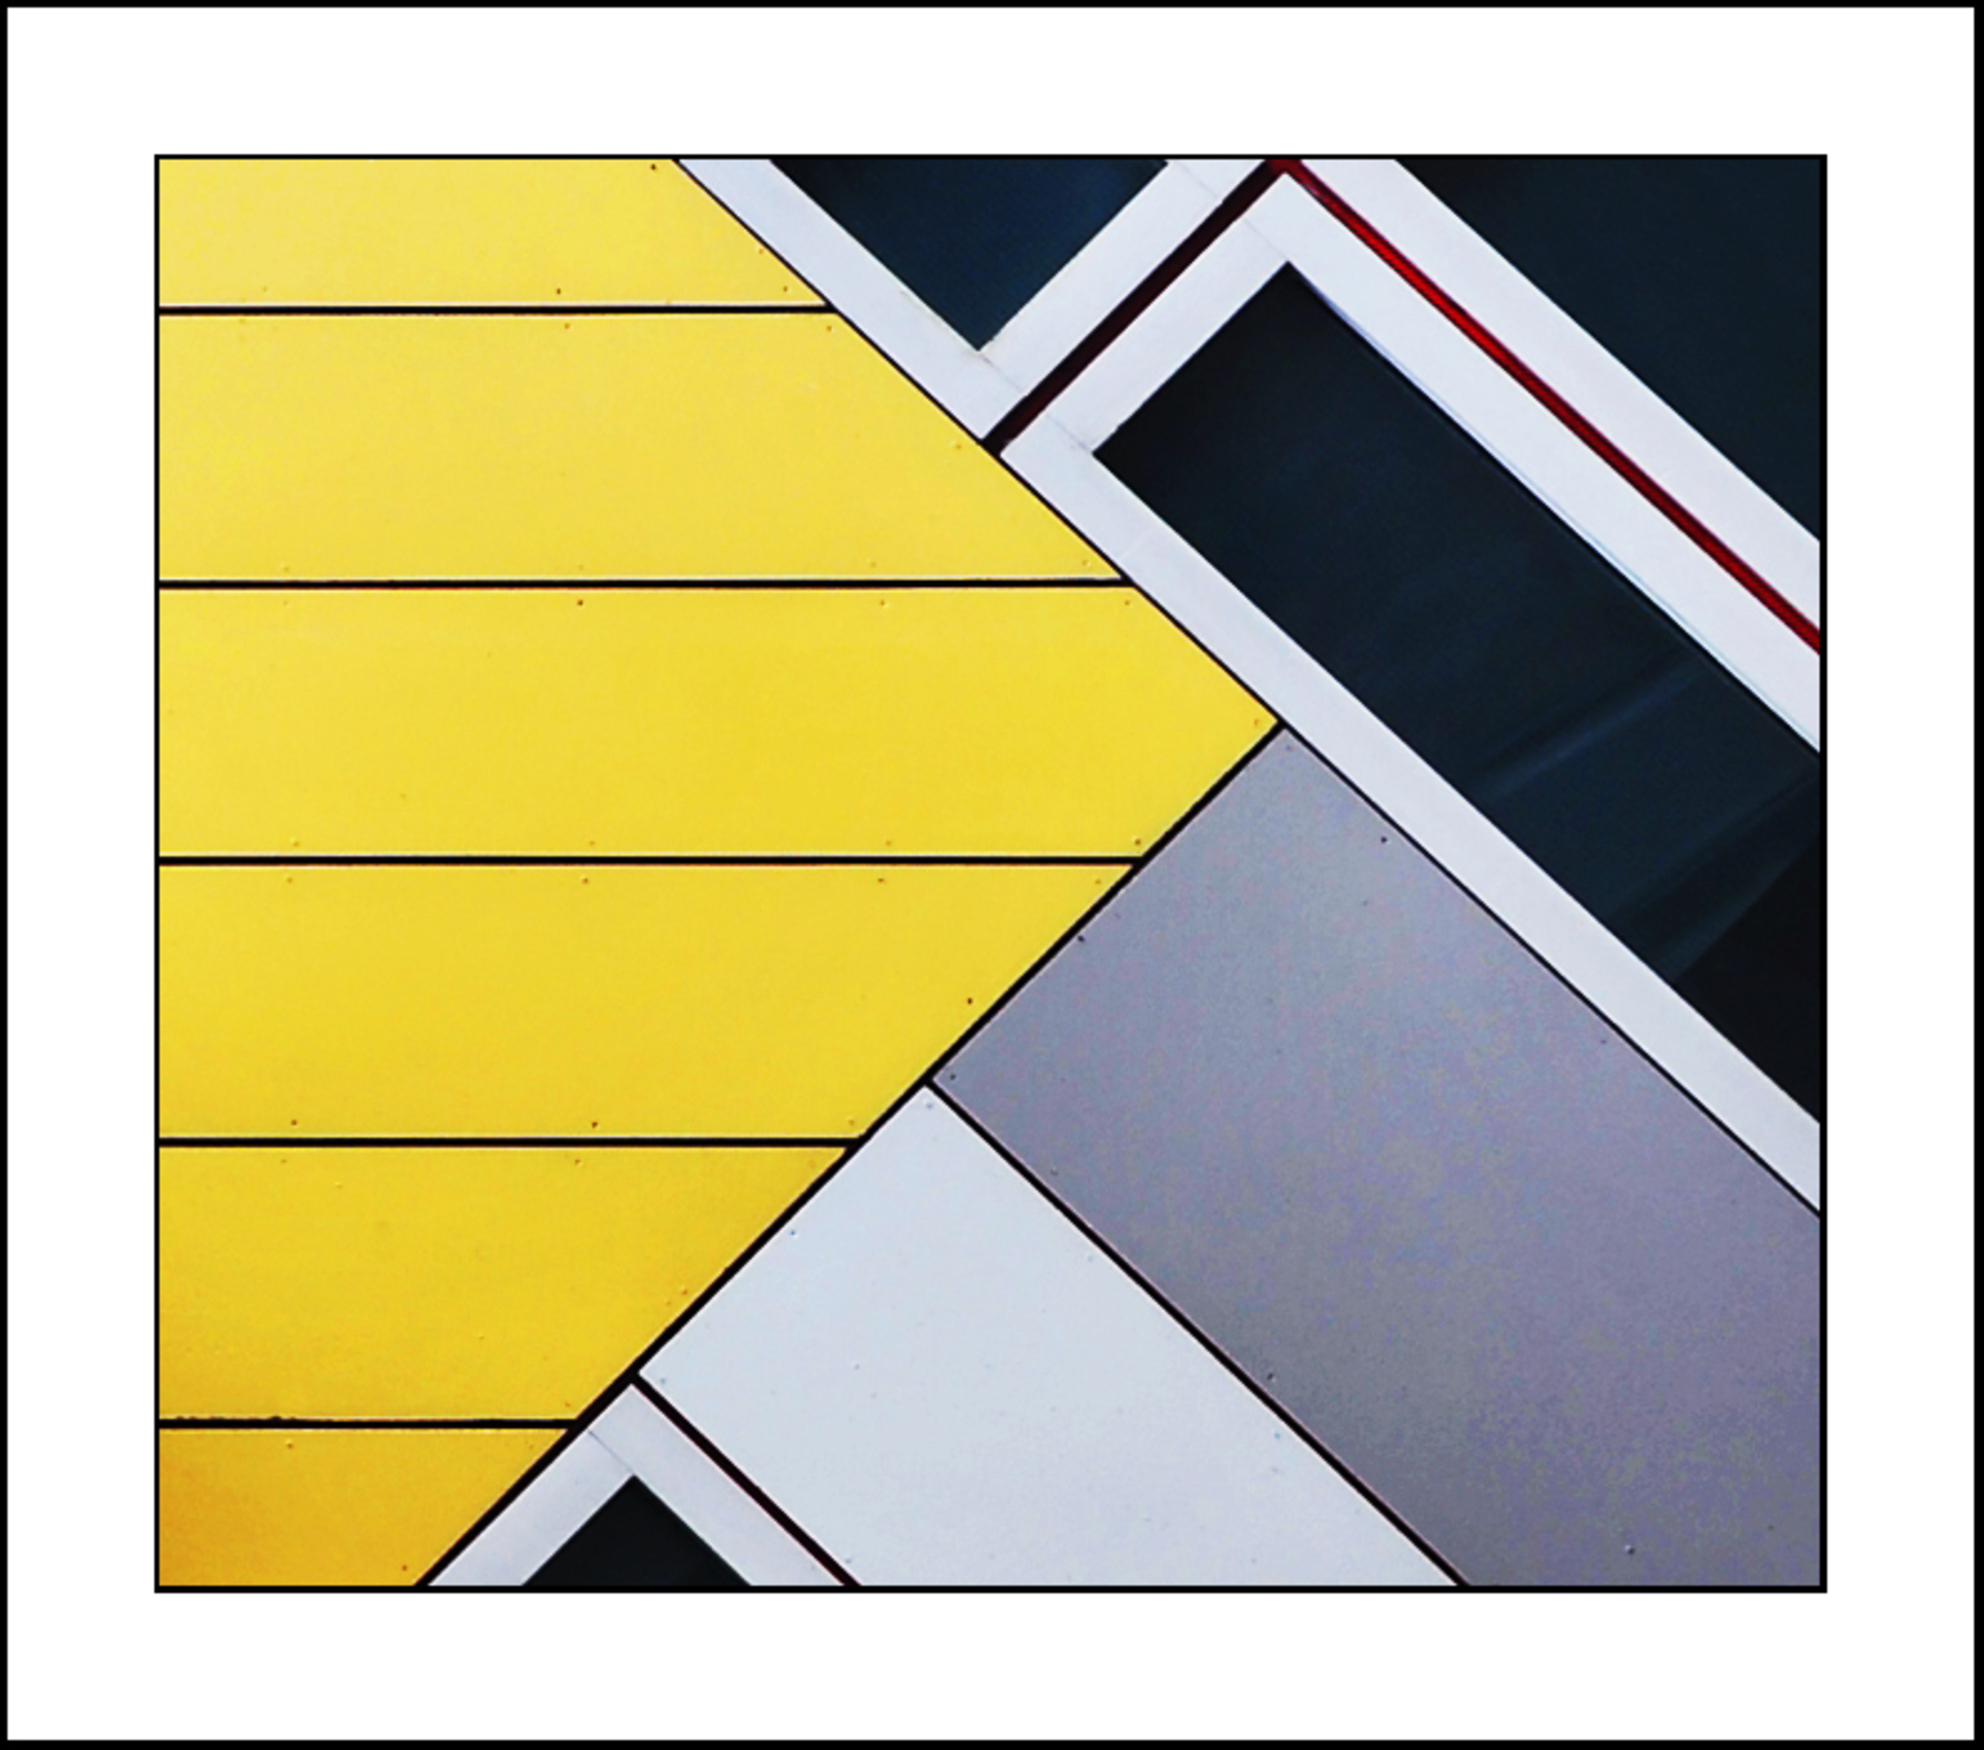 Rainy Rotterdam 5 - Hier kun je natuurlijk niet aan voorbij lopen als je in Rotterdam architectuur gaat fotograferen.......dank voor de reacties....met vriendelijke groe - foto door gerard28 op 29-06-2011 - deze foto bevat: rotterdam, lijnen, gevel, vlakken. kubuswoning